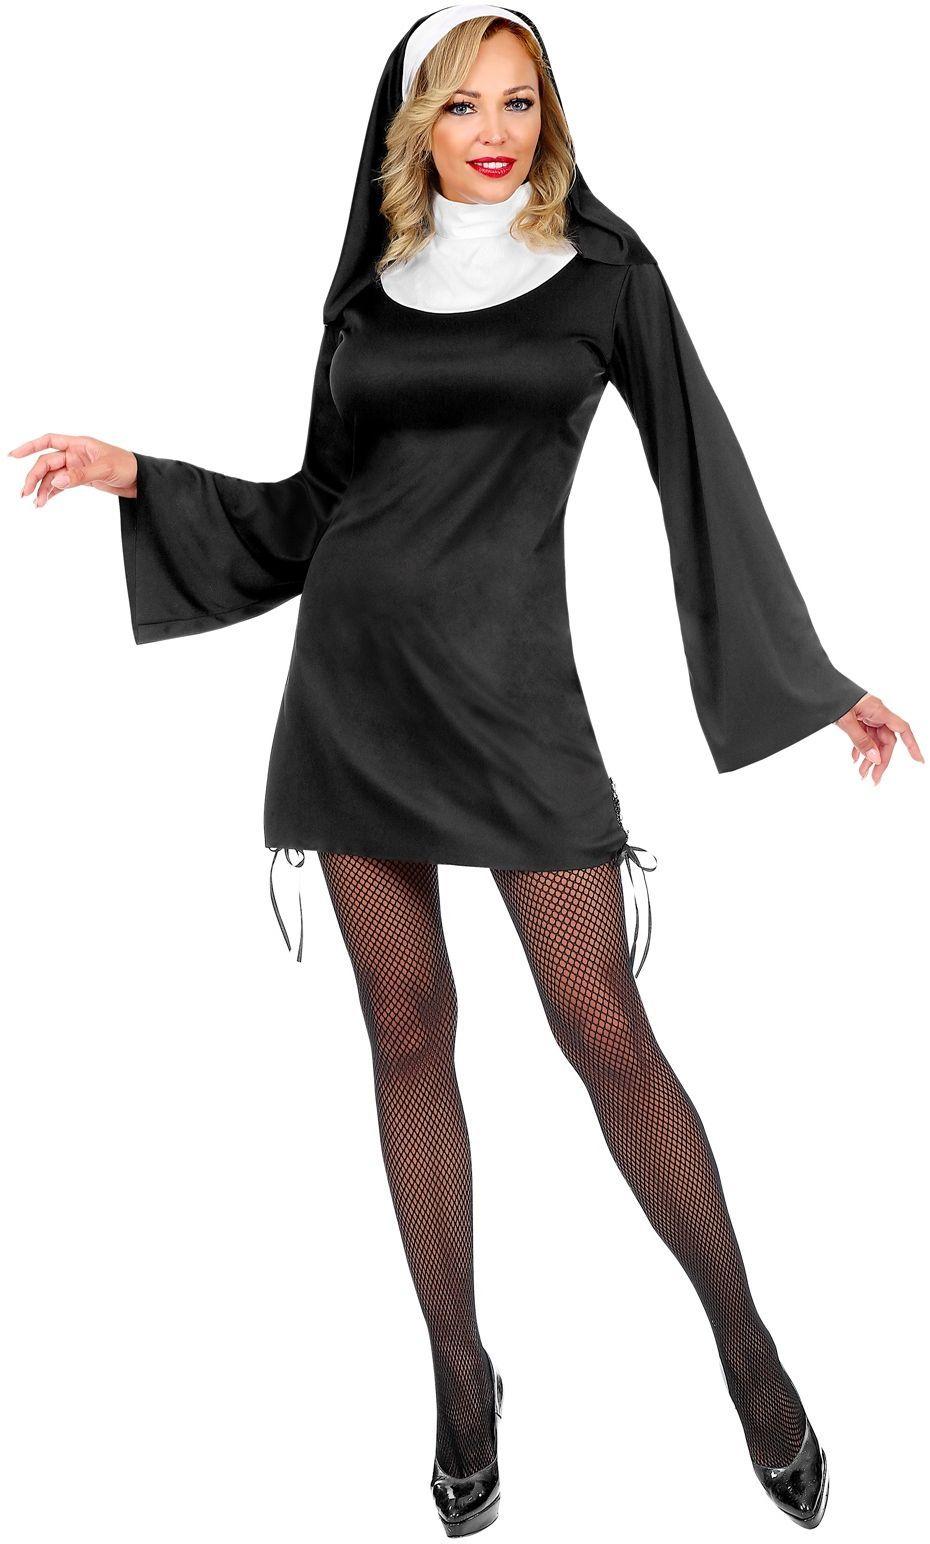 Nonnen kleding dames